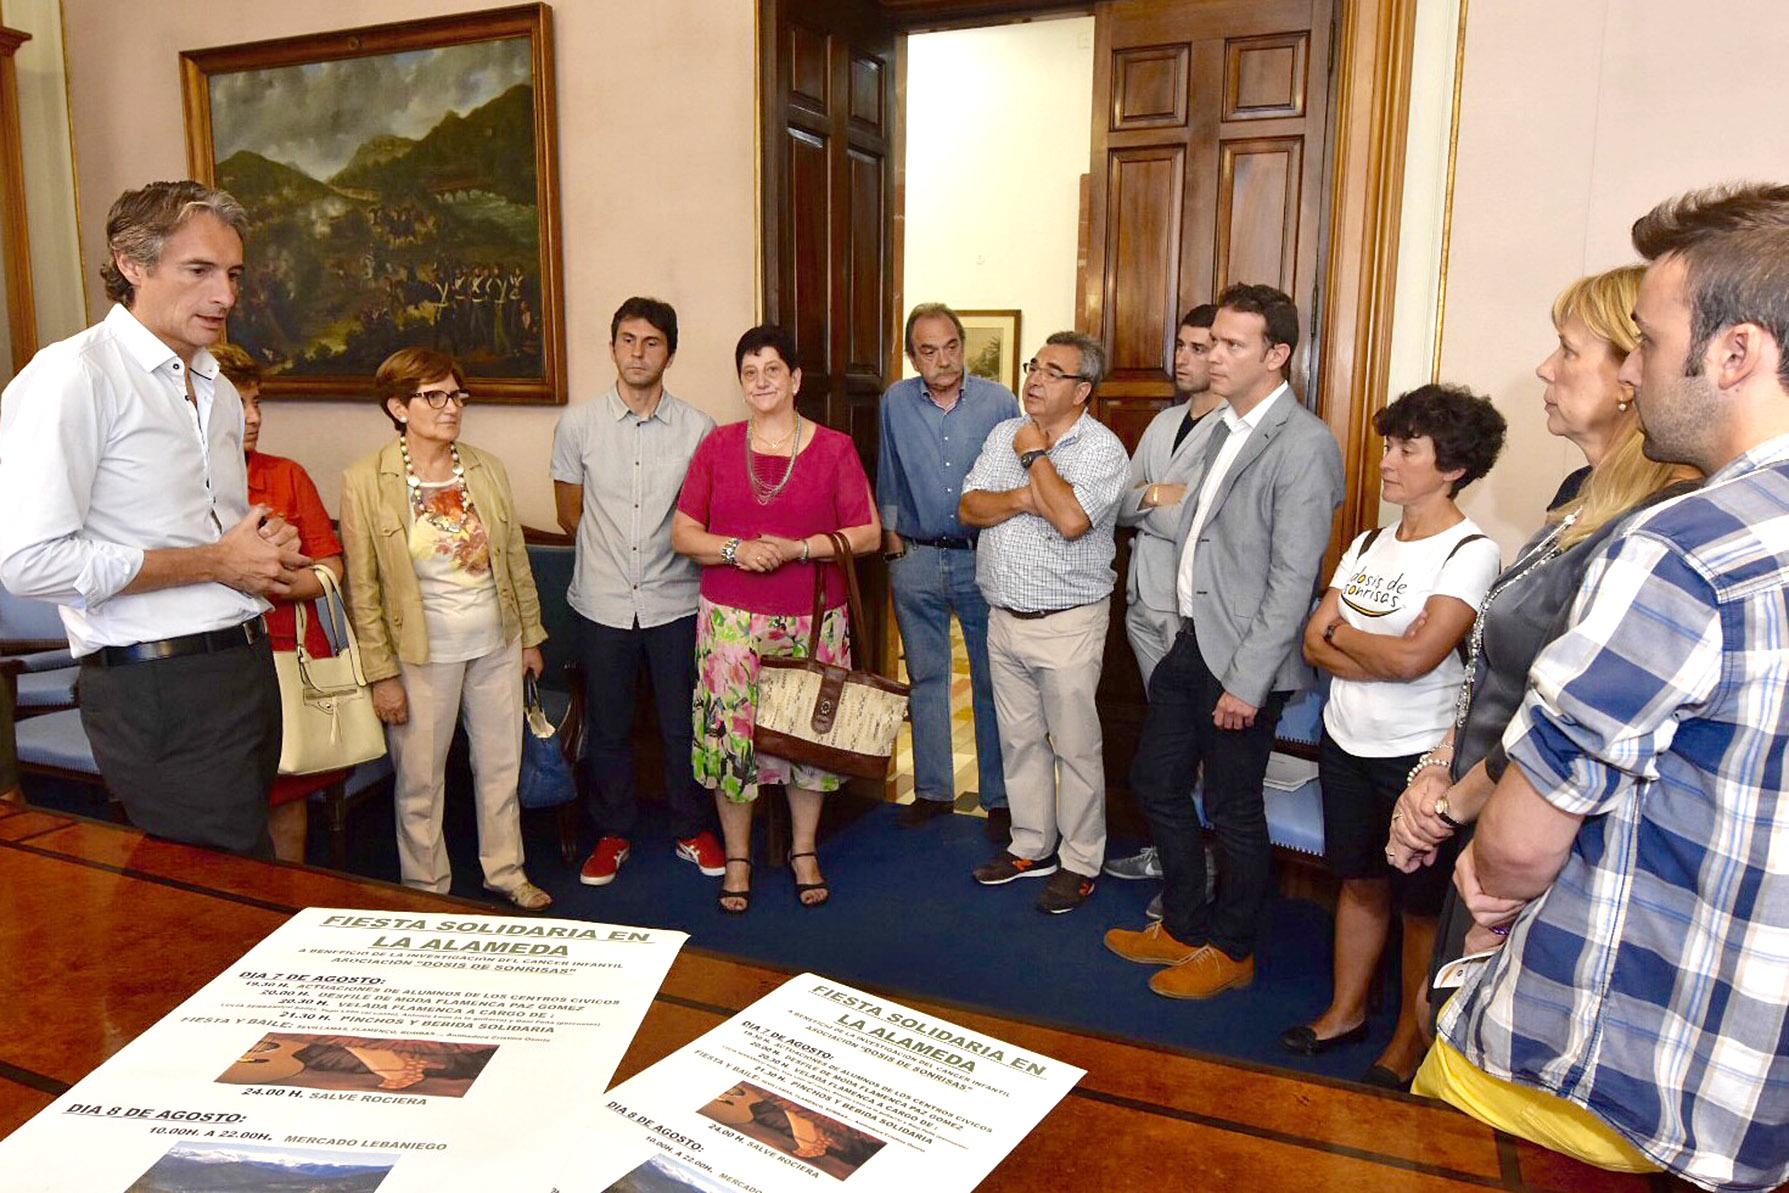 La asociación de comerciantes de La Alameda reunidos con Íñigo de la Serna